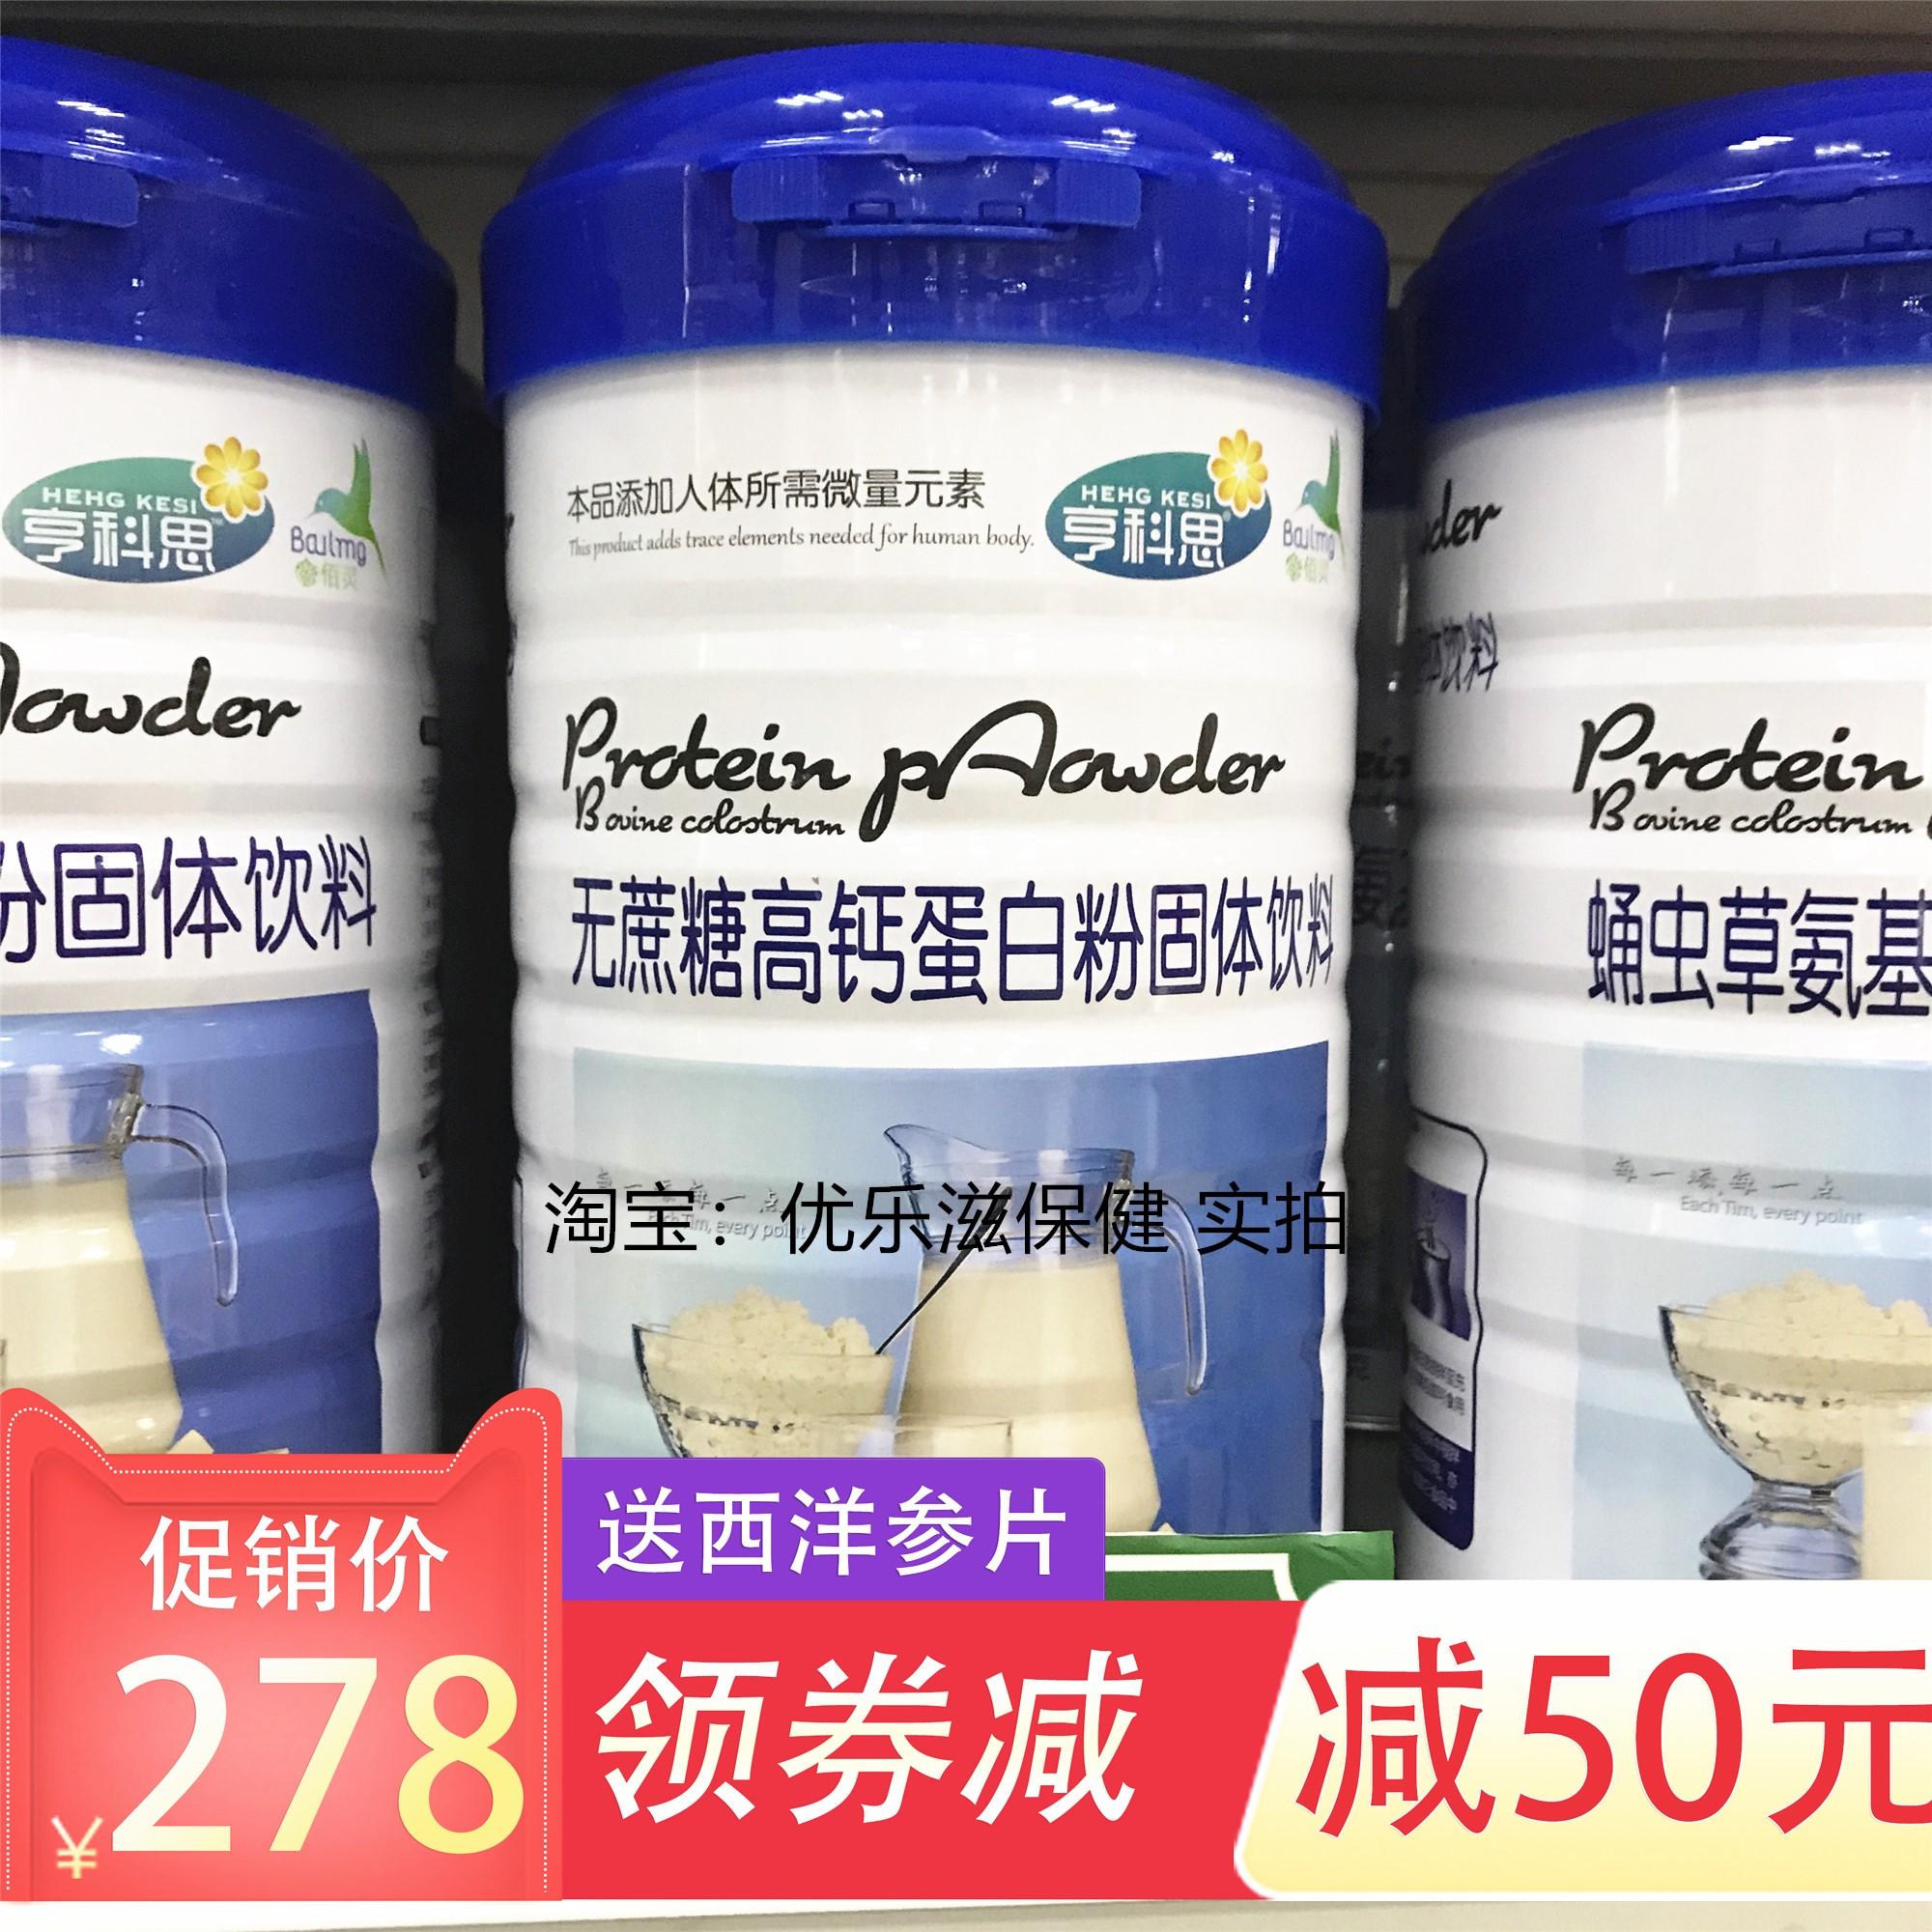 【买 送】亨科思无蔗糖高钙蛋白粉中老年型蛋白质粉多维益生菌